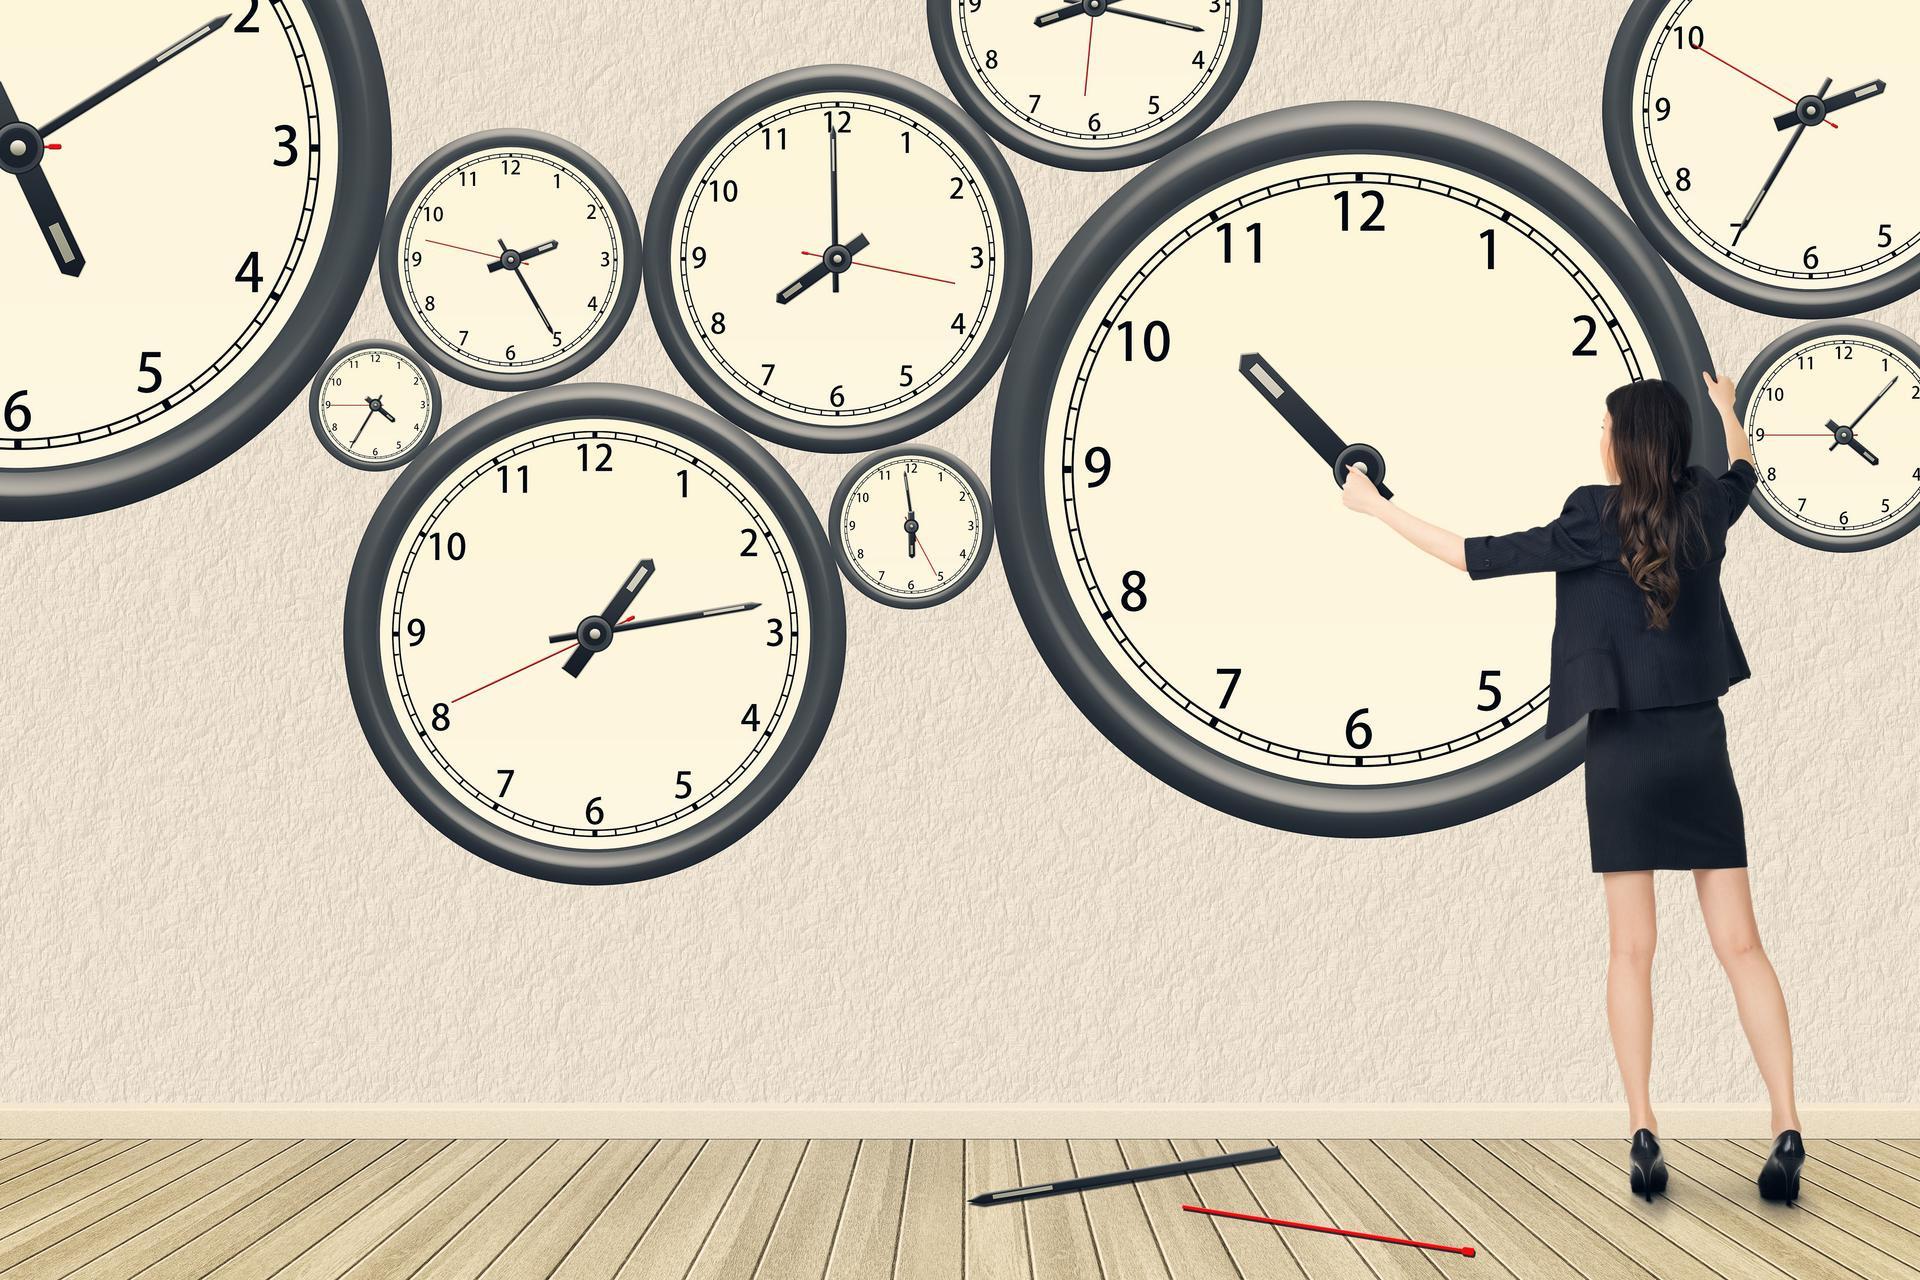 時間 - hung22 - 彬彬的博客